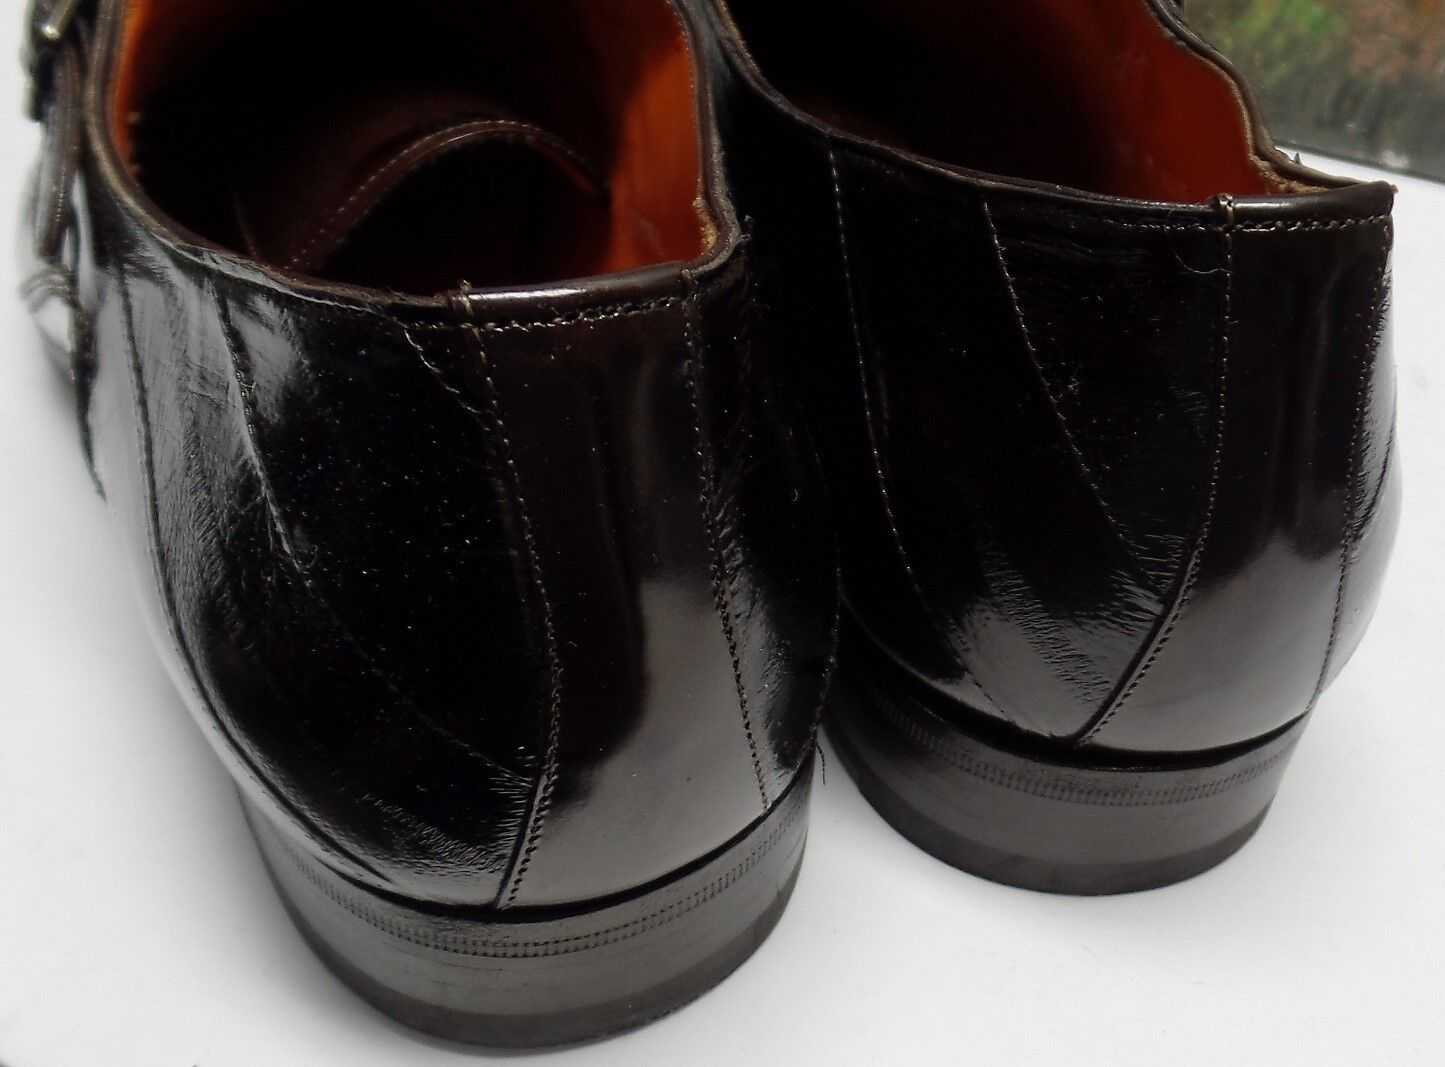 Mezlan 'Orleans' Size Monk Strap Shoe - Size 'Orleans' 12M - $450 171372